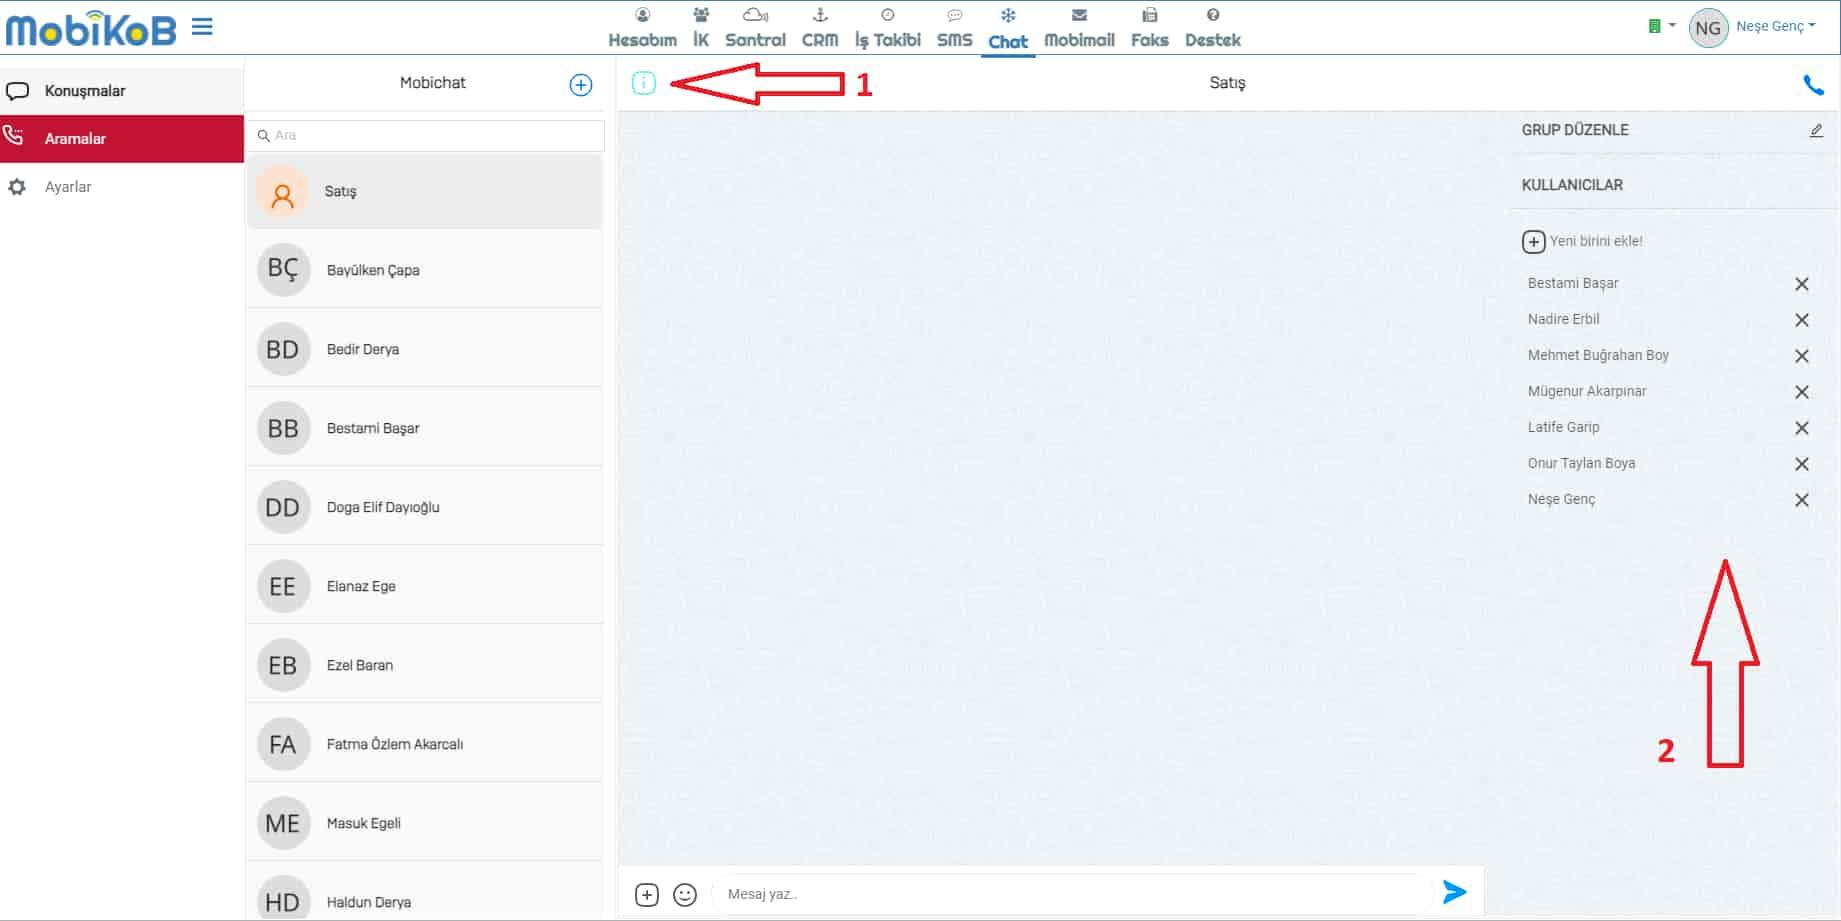 MobiKoB chat uygulamasi duzenleme ekrani - MobiKoB Anlık Mesajlaşma Uygulaması Kullanımı